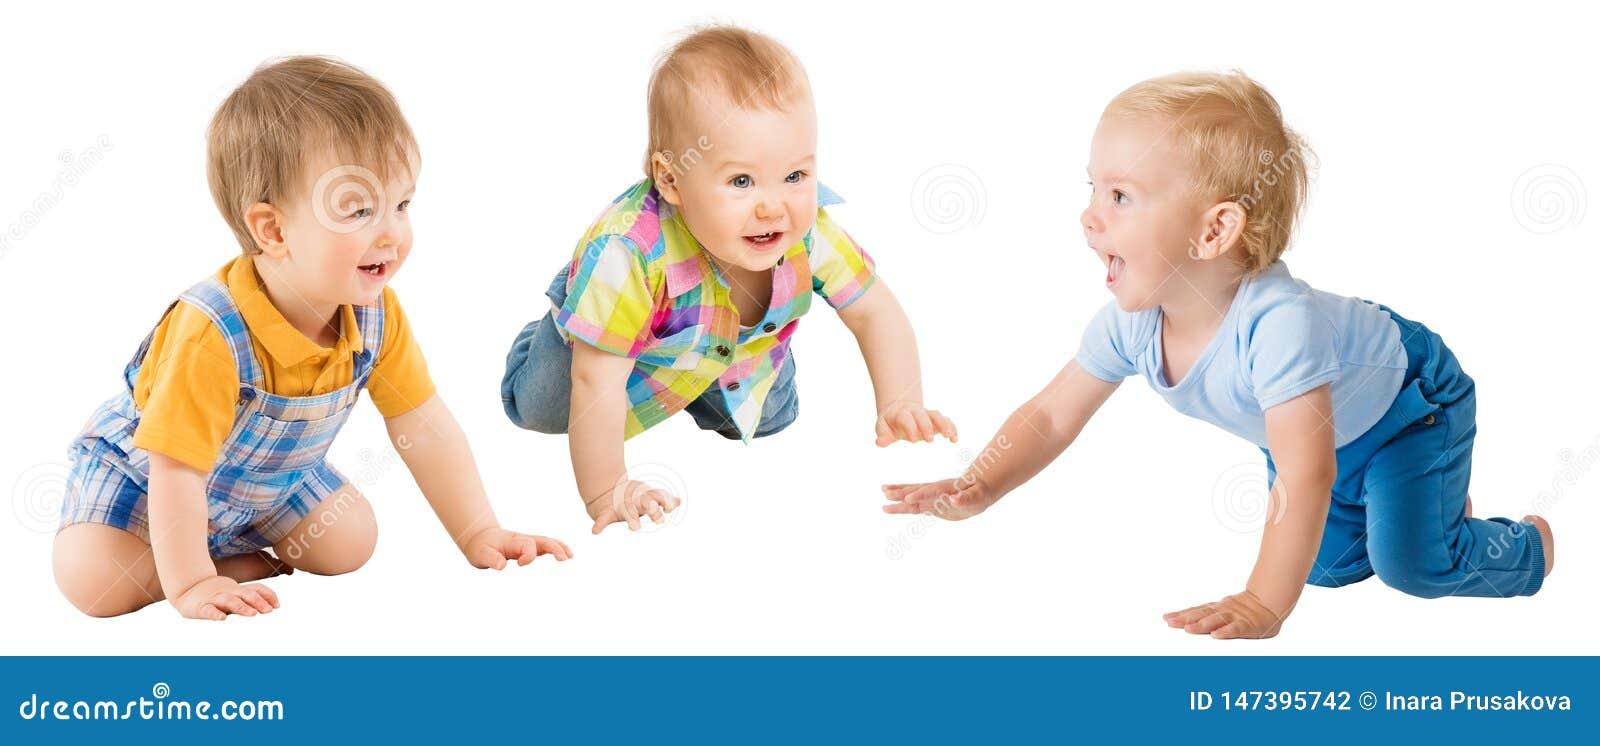 Kriechende Baby-Jungen, Säuglingskindergruppen-Schleichen auf allen fours, Kleinkind-Kinder auf Weiß